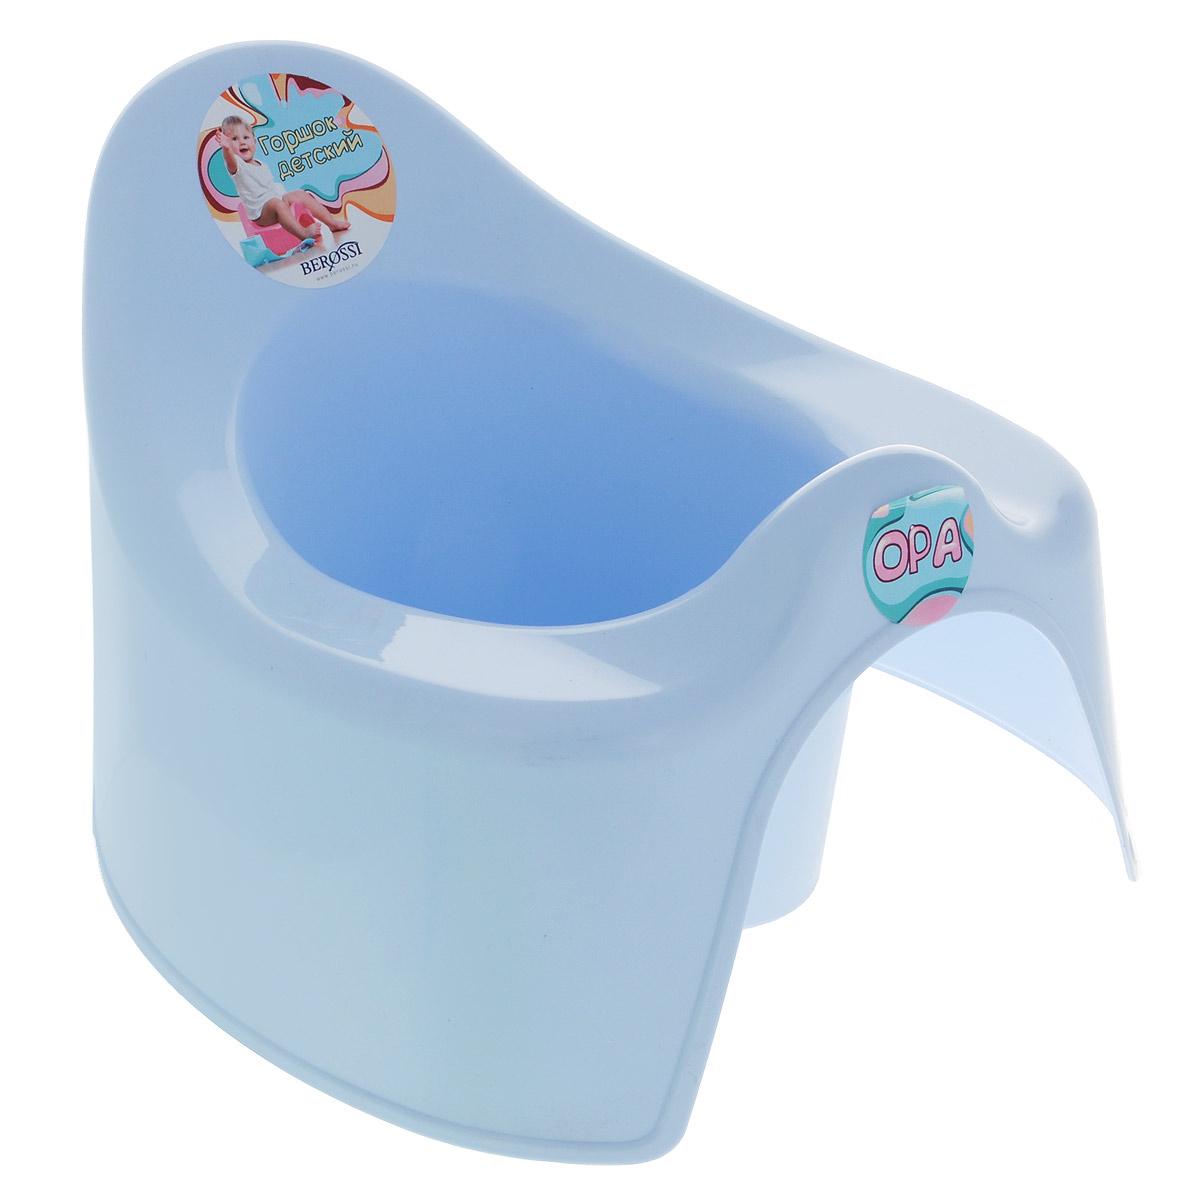 Горшок детский Berossi  Opa , цвет: светло-голубой -  Горшки и адаптеры для унитаза